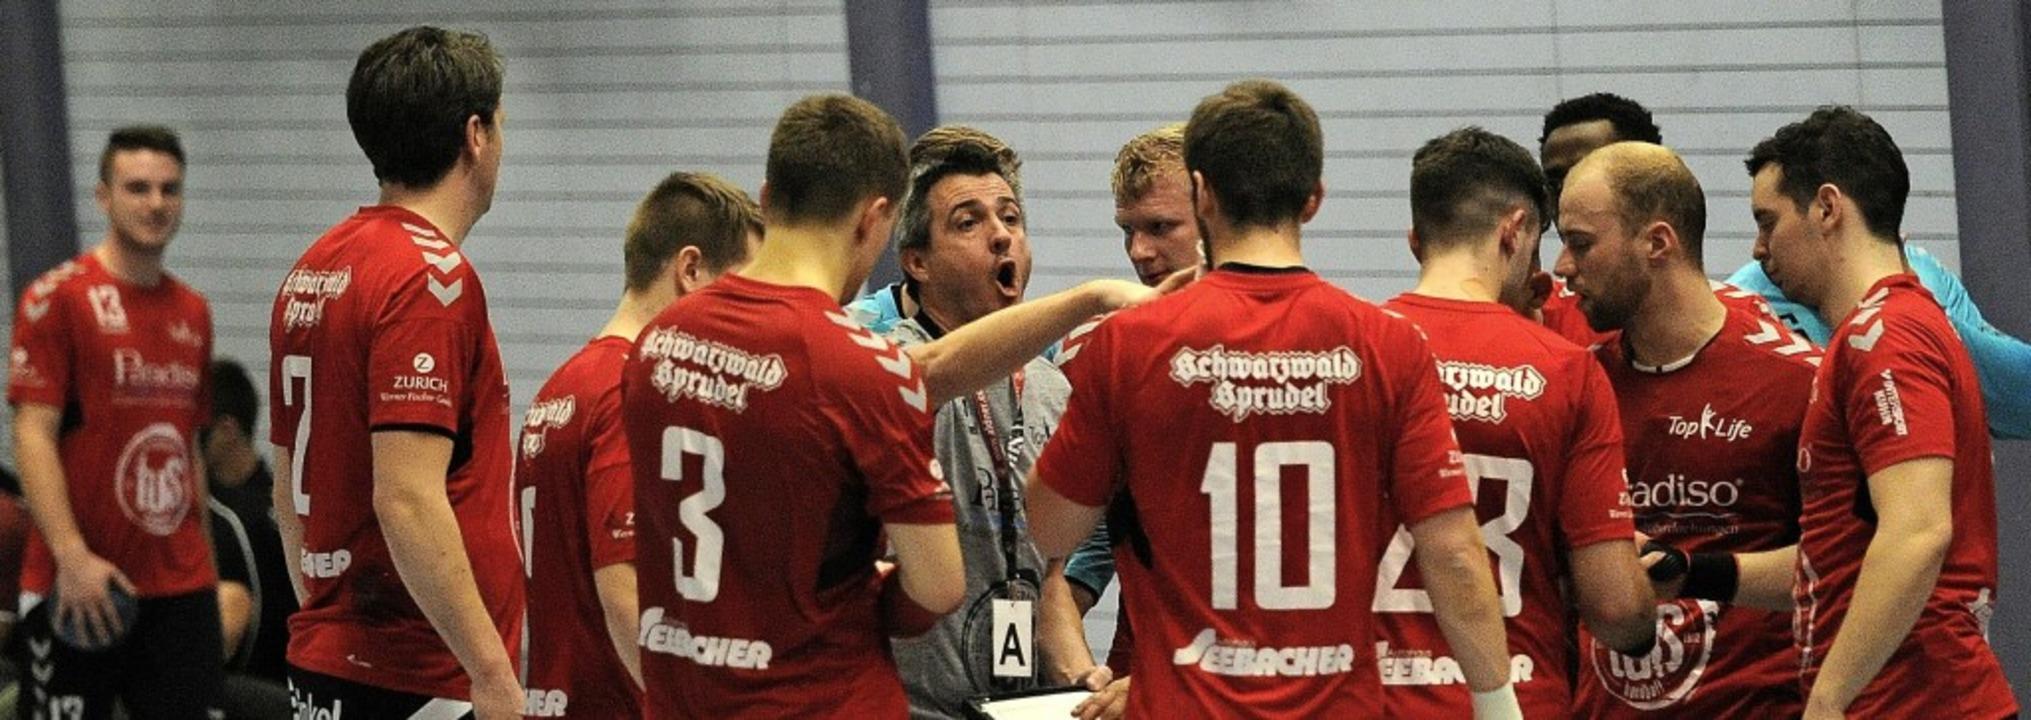 <BZ-FotoAnlauf>TuS Altenheim:</BZ-Foto...Coach Timo Heuberger und seinem Team.     Foto:  Pressebüro Schaller